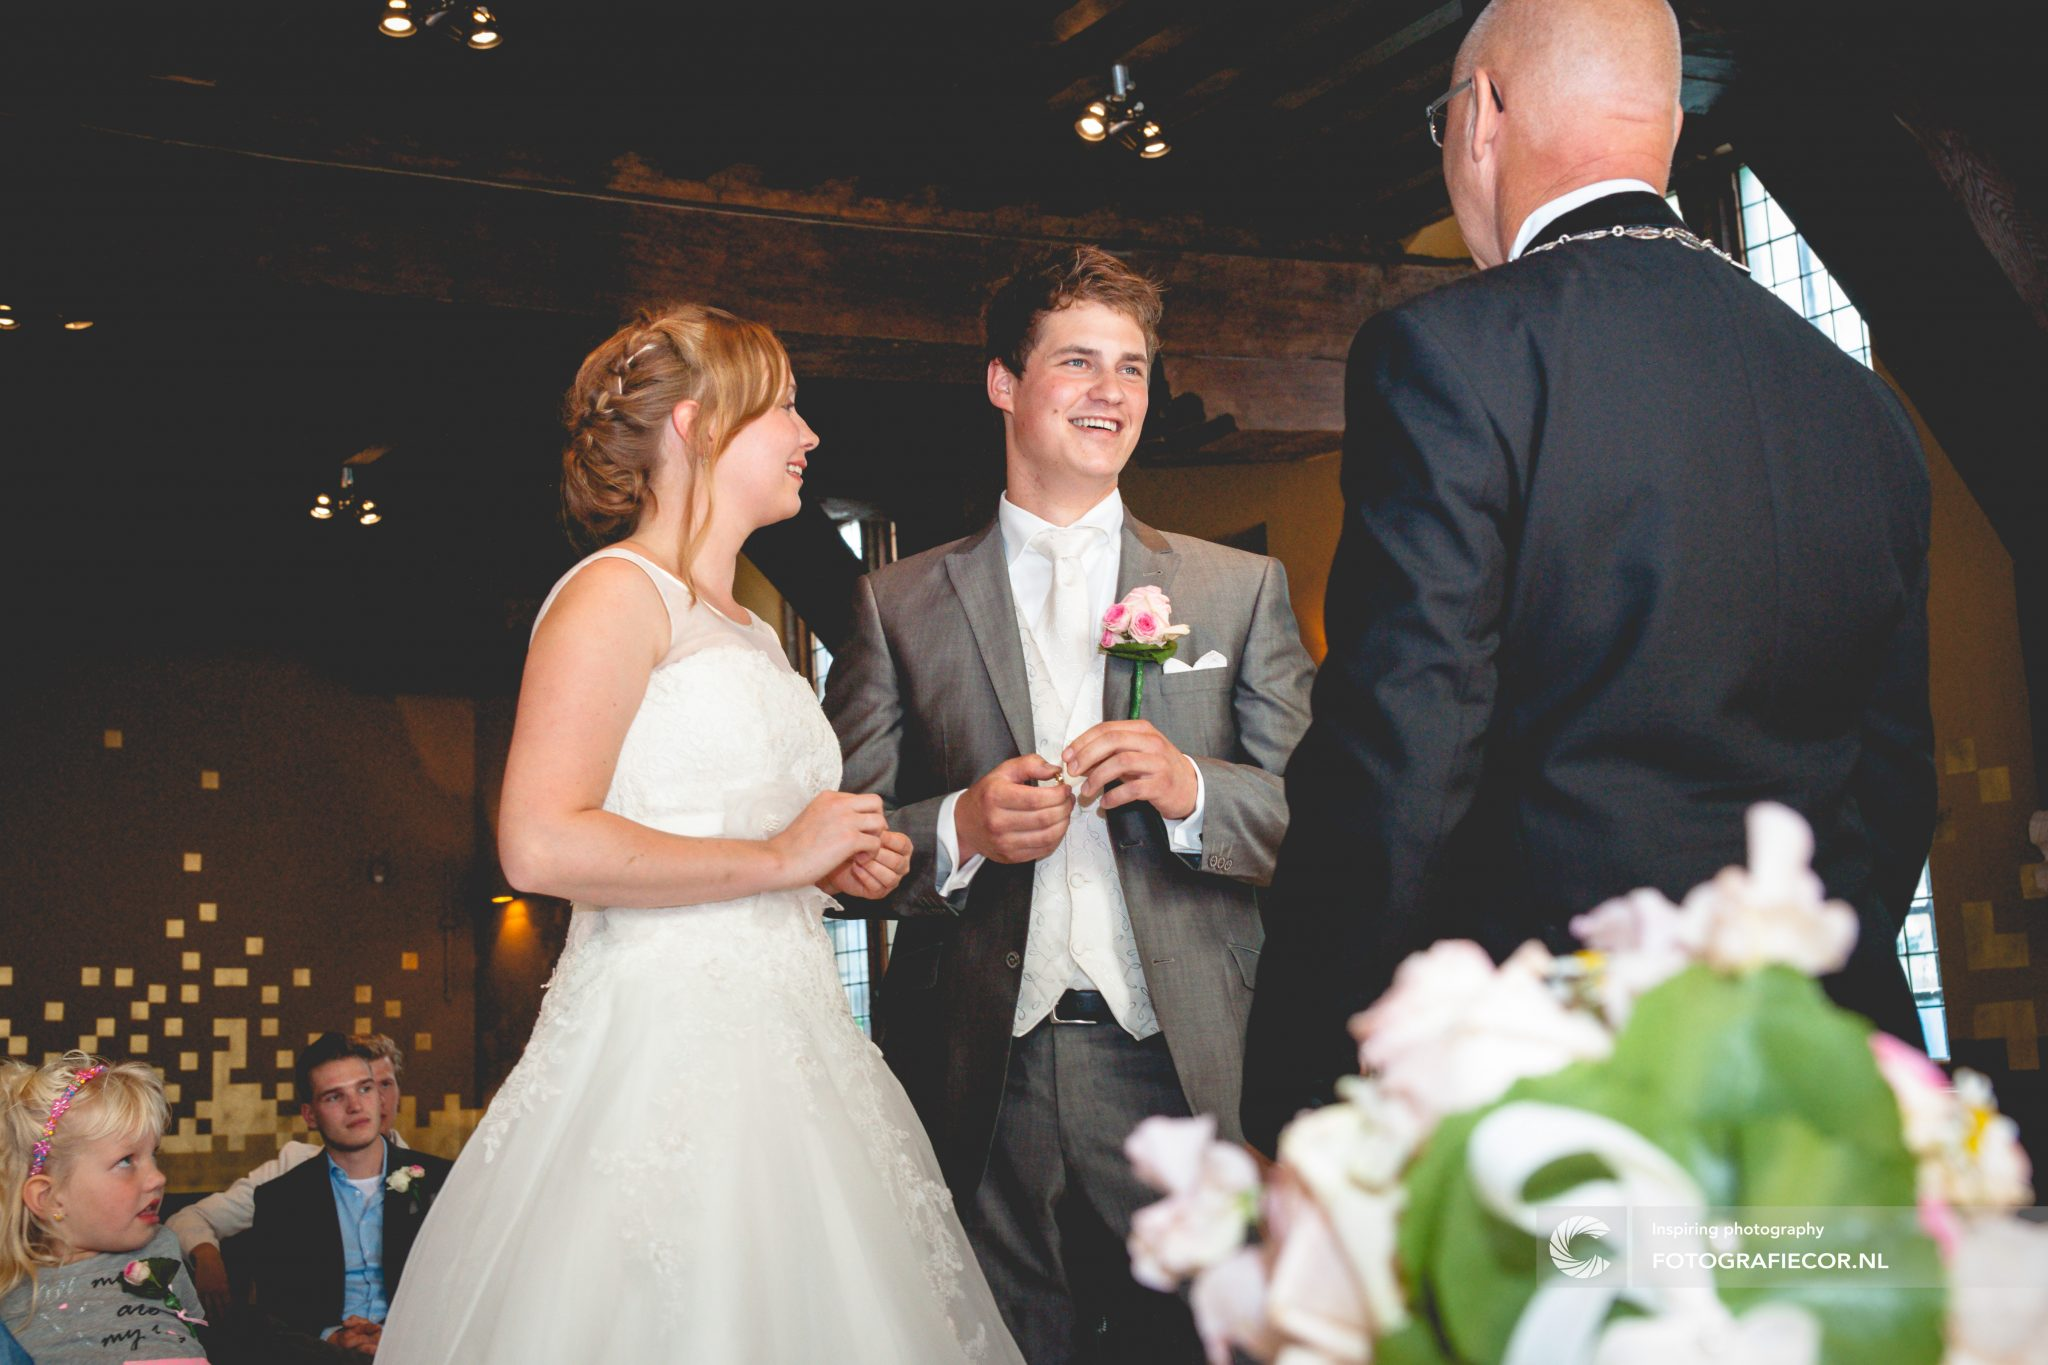 Trouwen | Kampen | Fotograaf | huwelijk | bruiloft | stadhuis | gouden zaal | Bruidsfotograaf | Trouwfotograaf